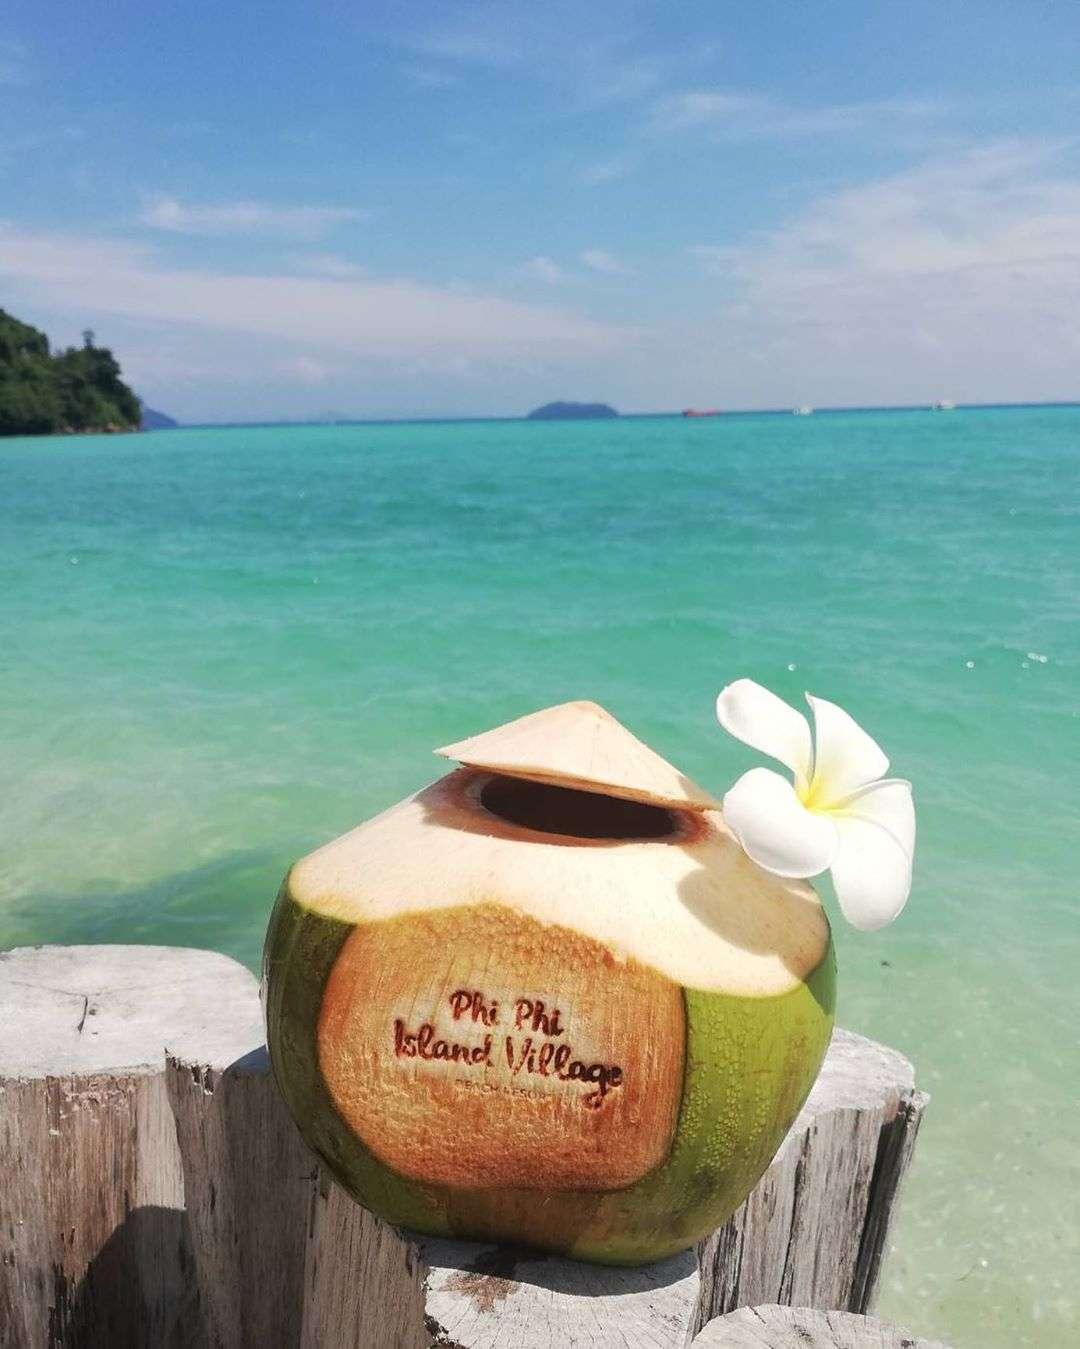 verse kokosnoot bij het Phi Phi Island Village Resort in Loh Ba Kao Bay (Koh Phi Phi, Thailand)